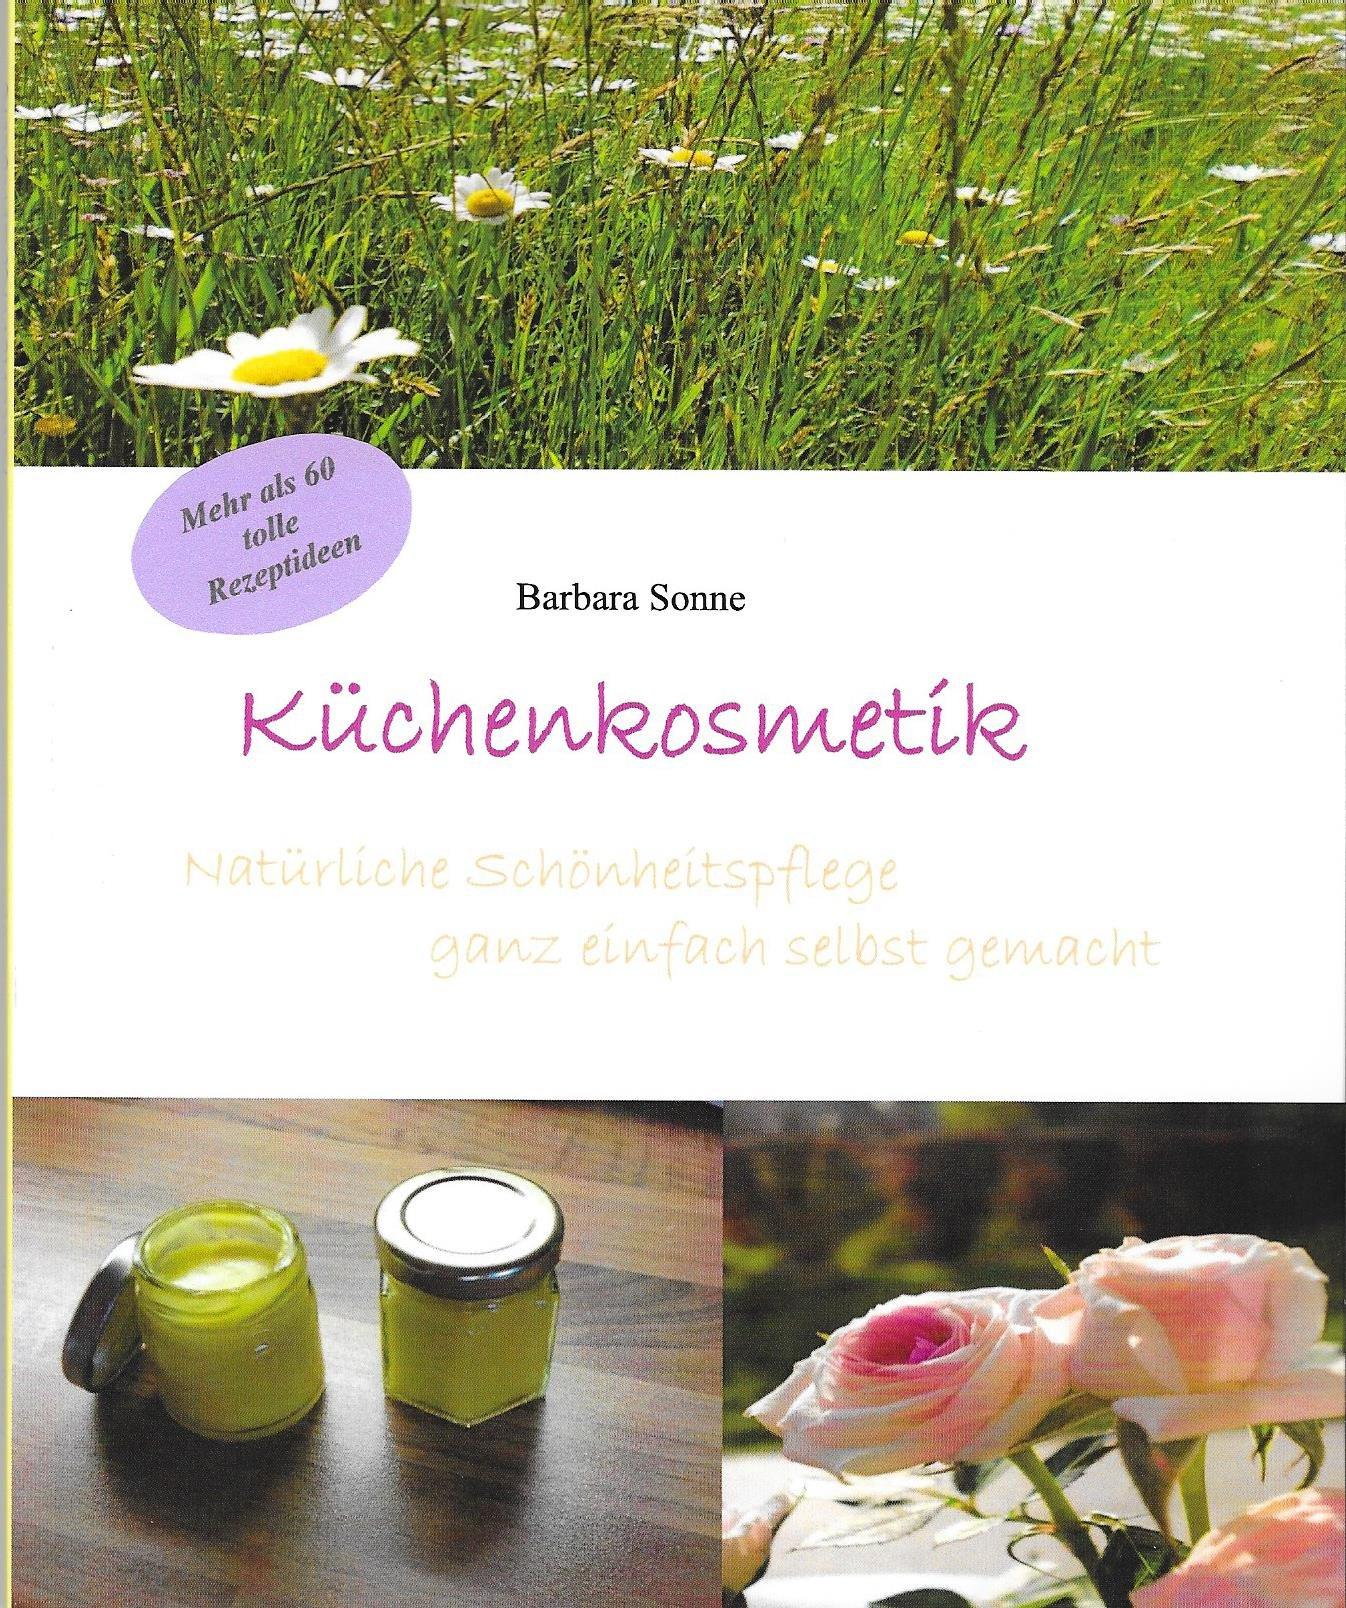 Küchenkosmetik: Natürliche Schönheitspflege ganz einfach selbst gemacht